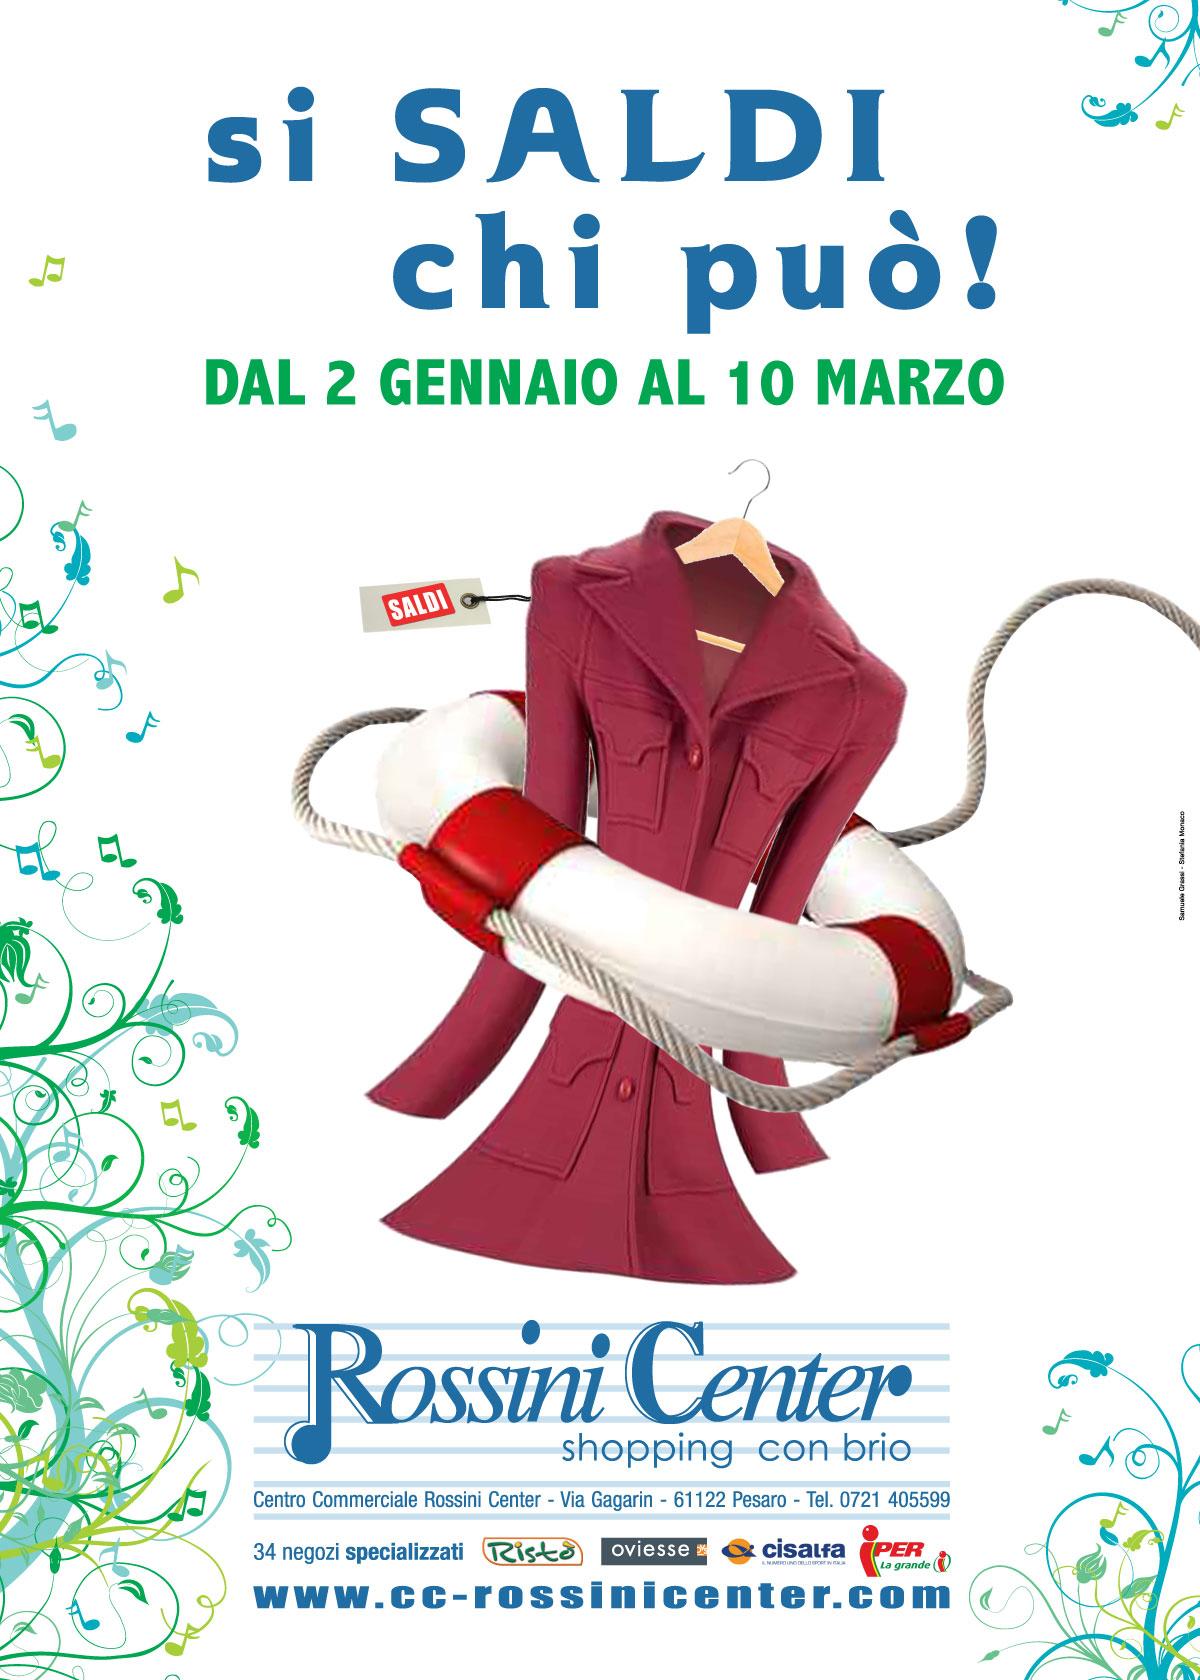 c7b3f53de235 Saldi invernali, Rossini Center, 2012. Saldi invernali, Centro Commerciale  ...